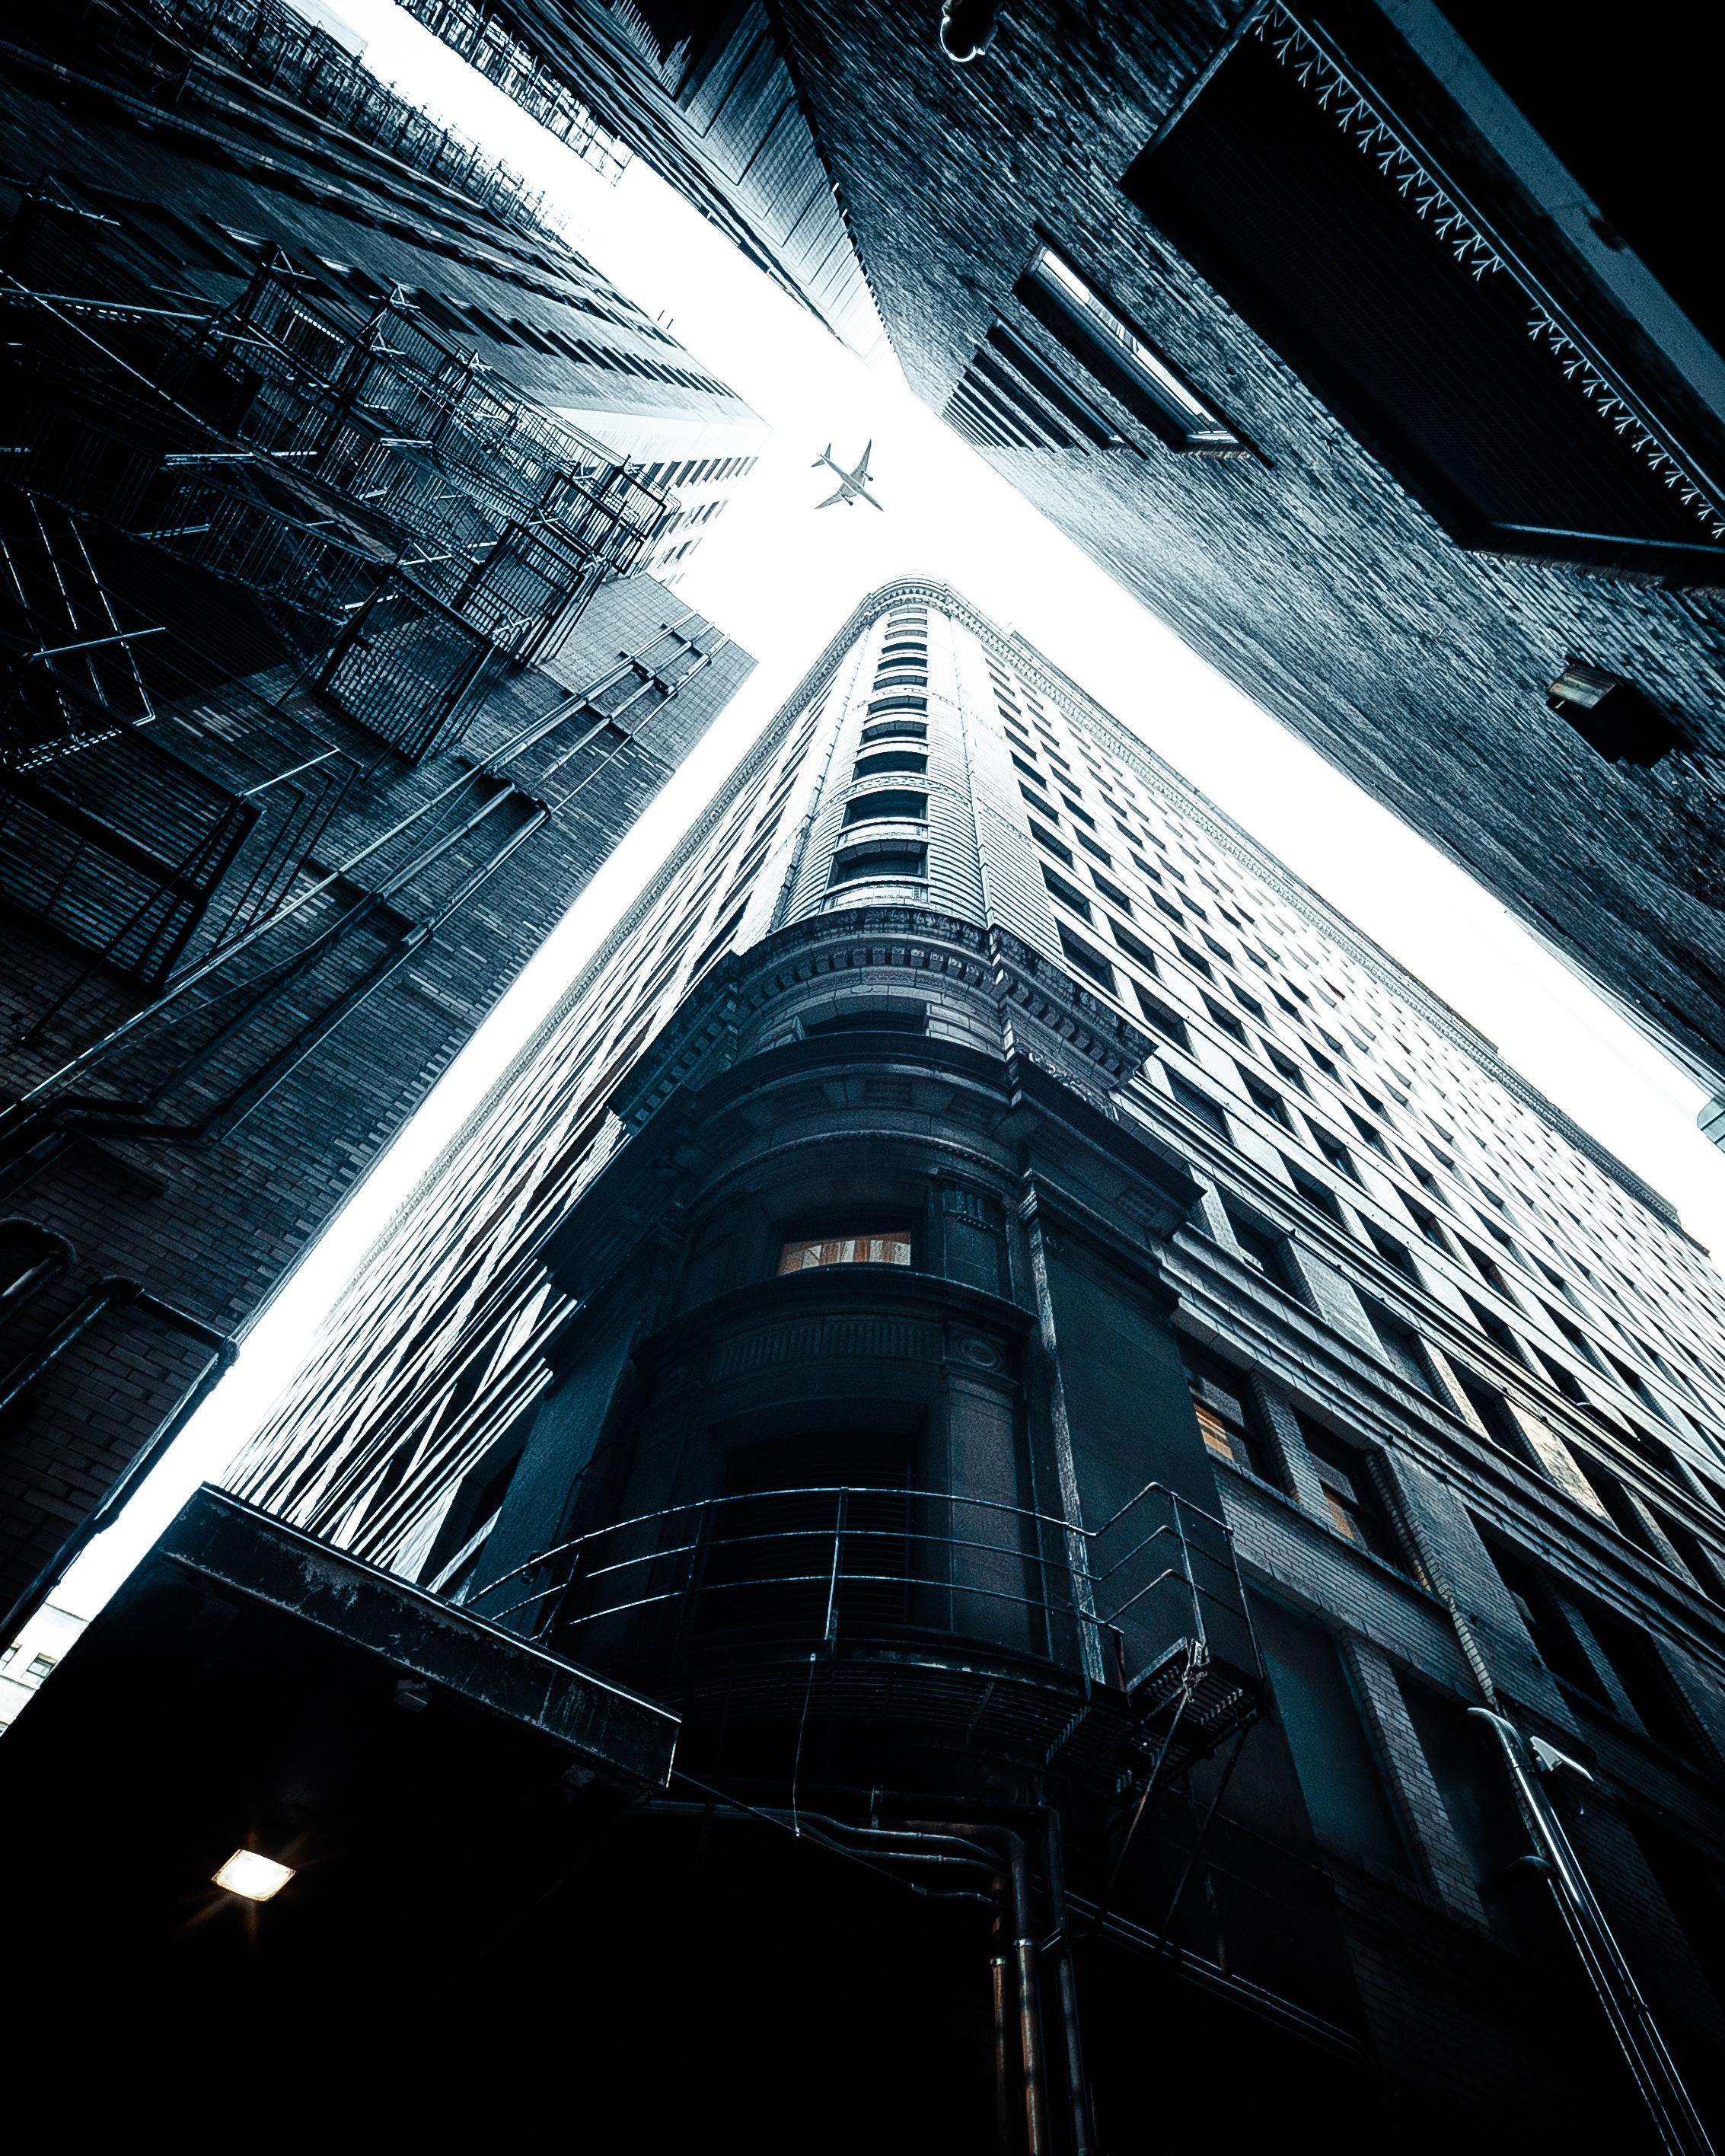 Images Gratuites Avion Conception Architecturale Architecture